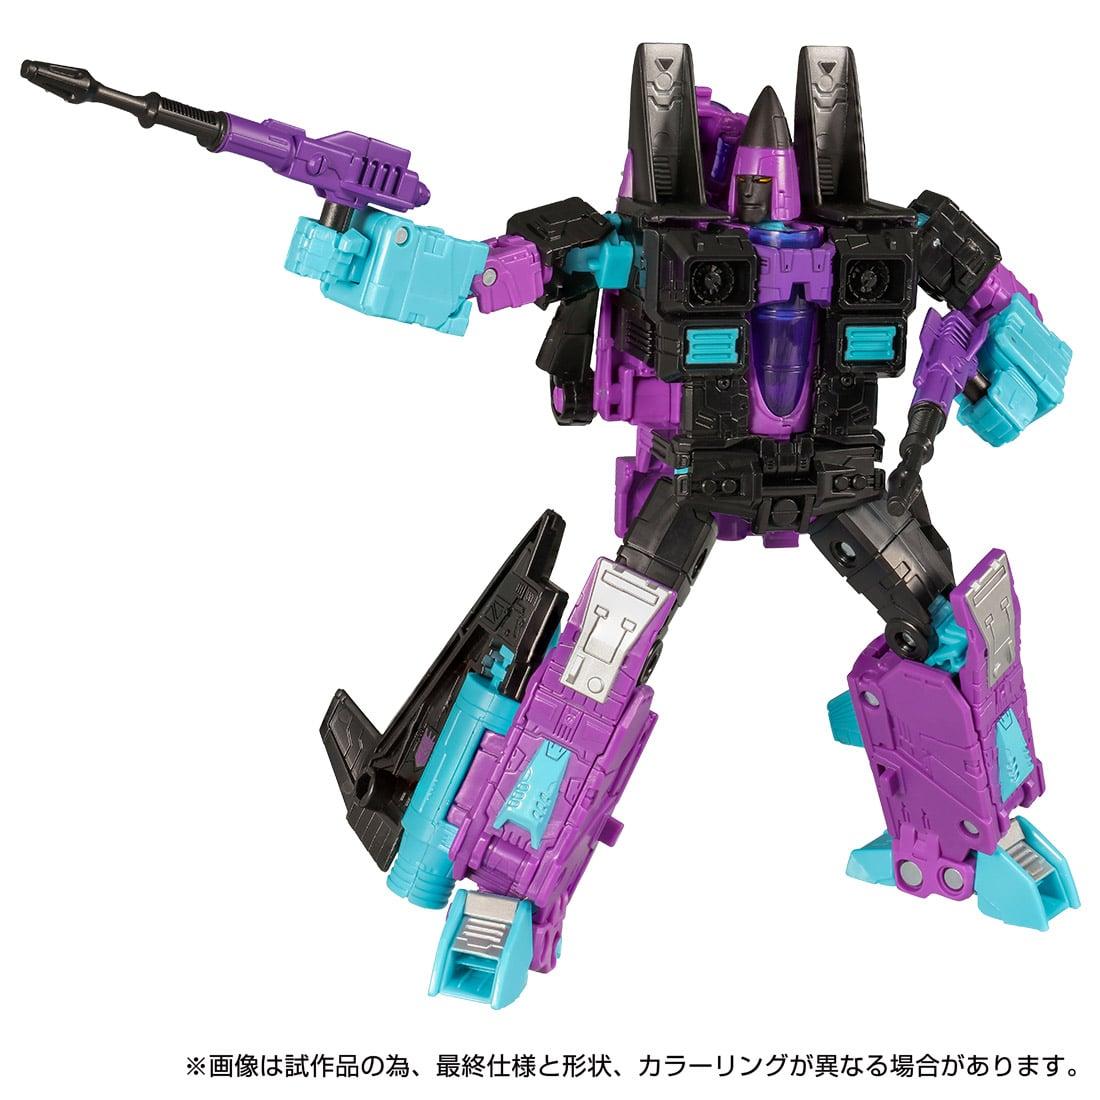 【限定販売】トランスフォーマー GENERATION SELECTS『ラムジェット』可変可動フィギュア-001